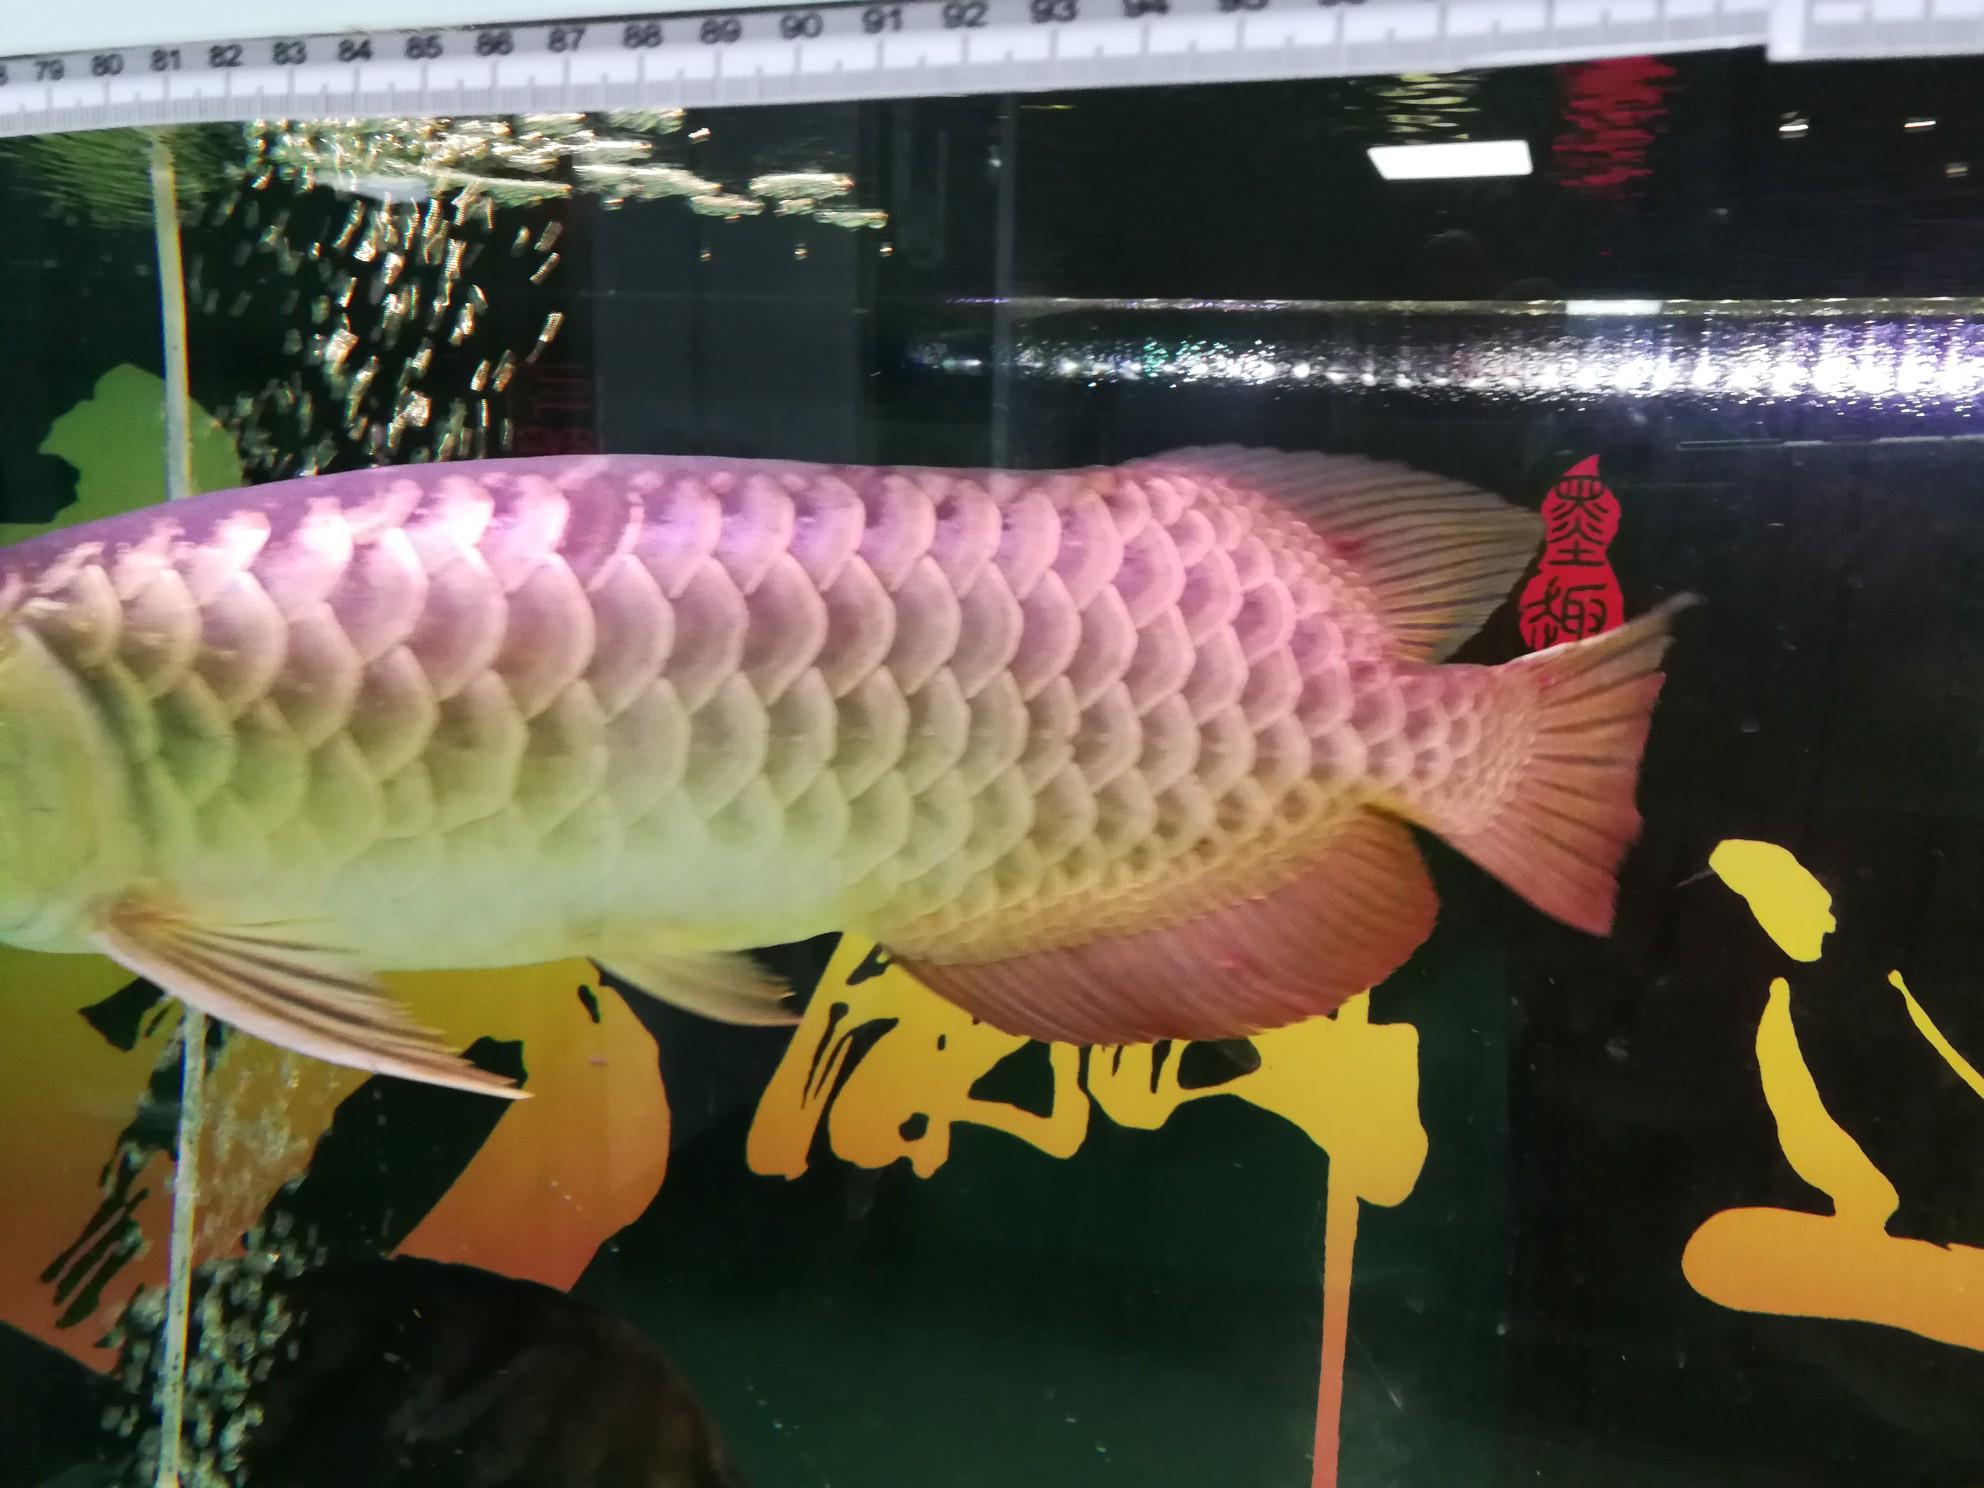 请问龙鱼这是什么病如何处理 绵阳龙鱼论坛 绵阳水族批发市场第1张